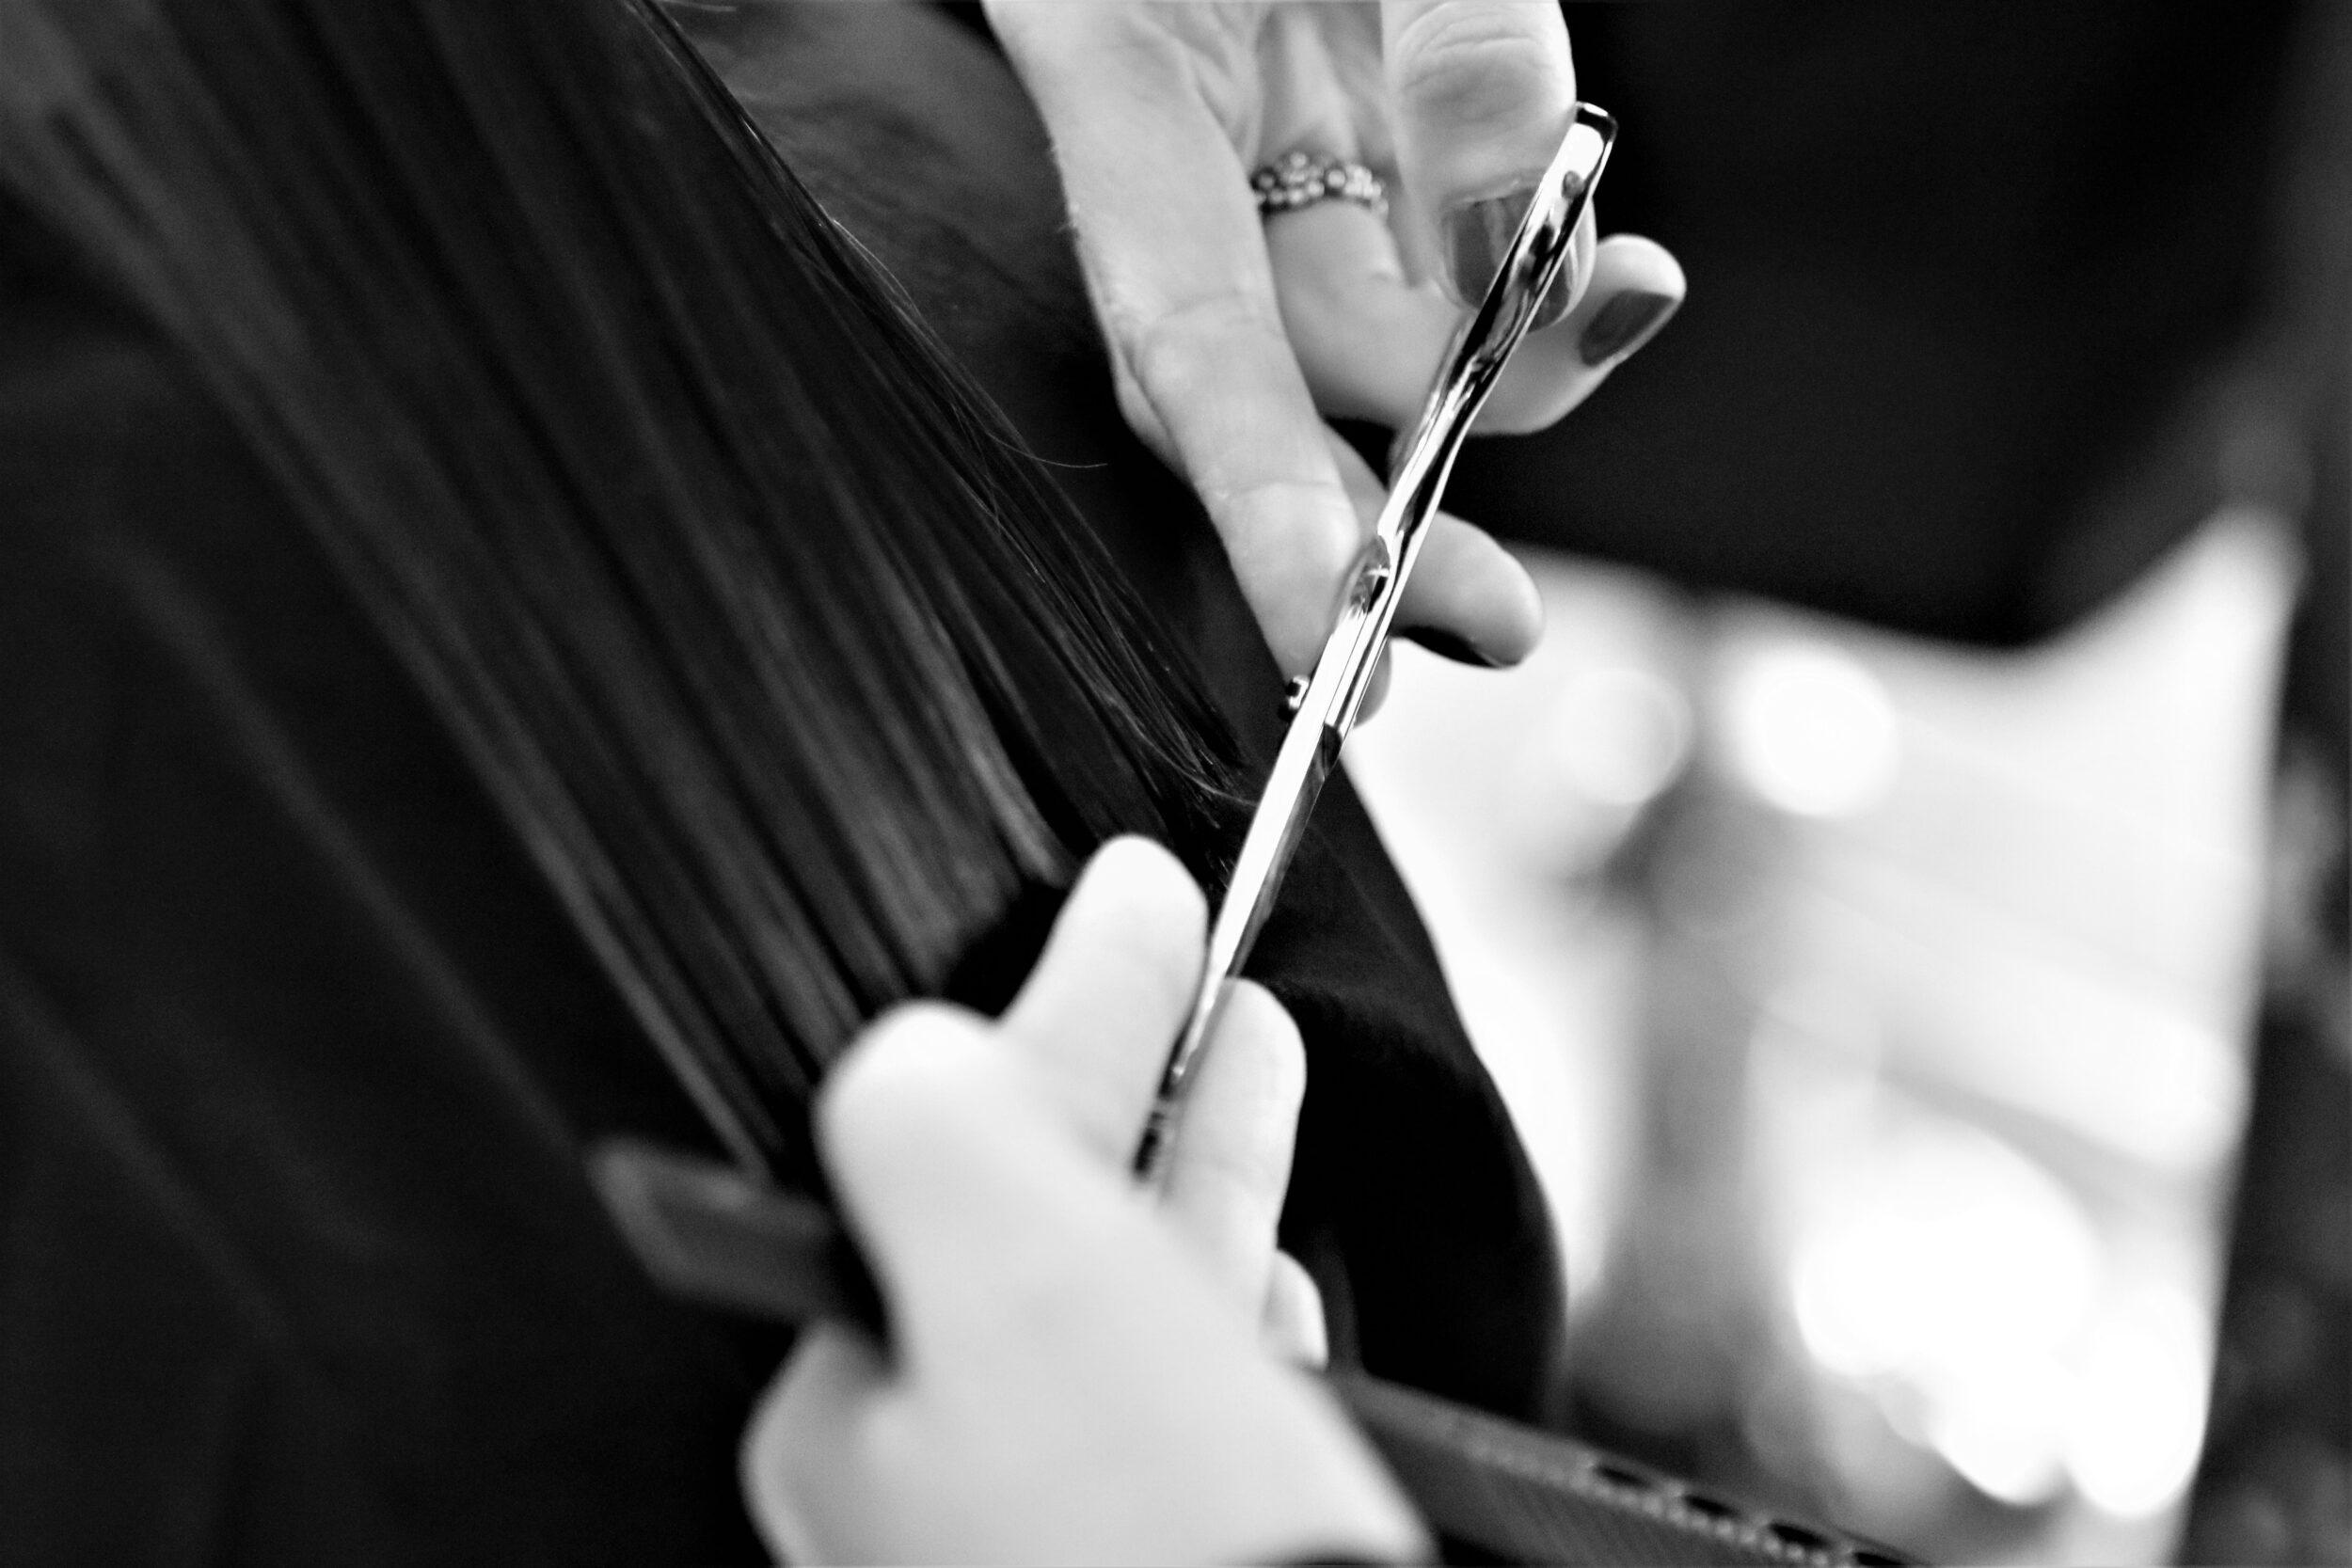 COVID-19: Her er retningslinjer for frisører og andre liberale erhverv